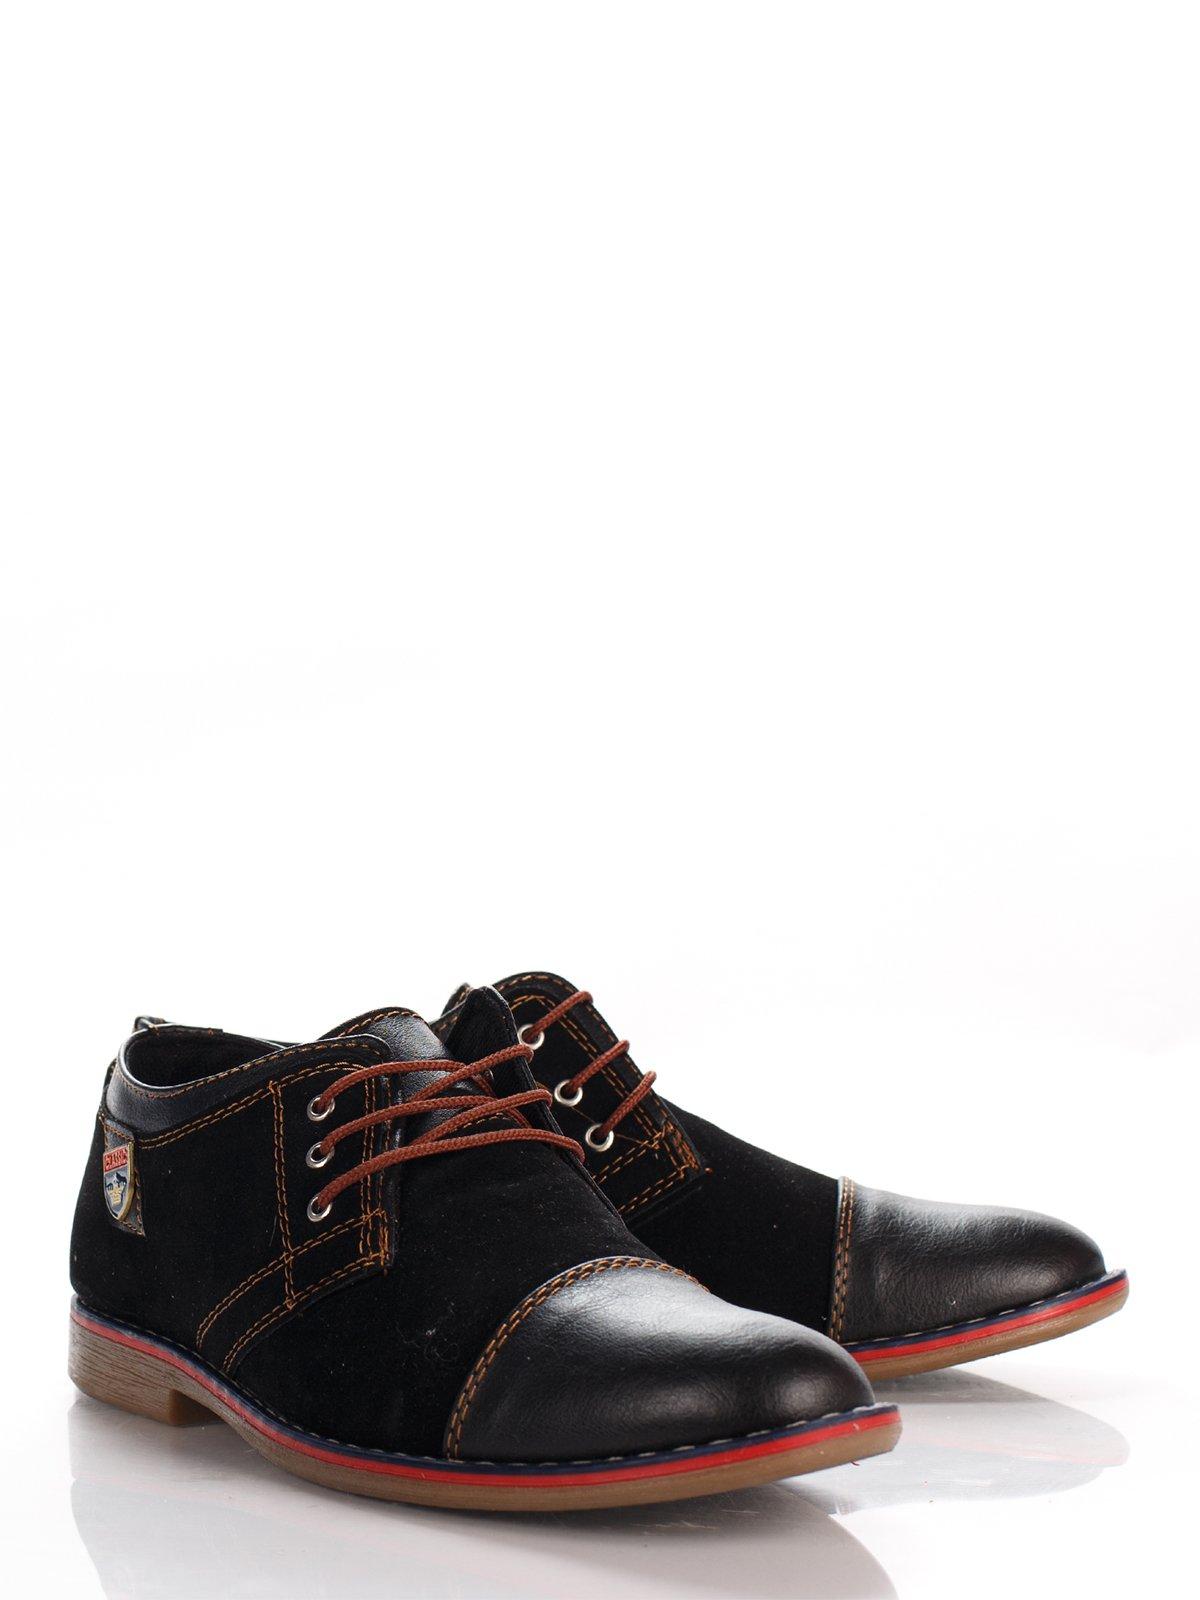 Туфли темно-коричневые   3483404